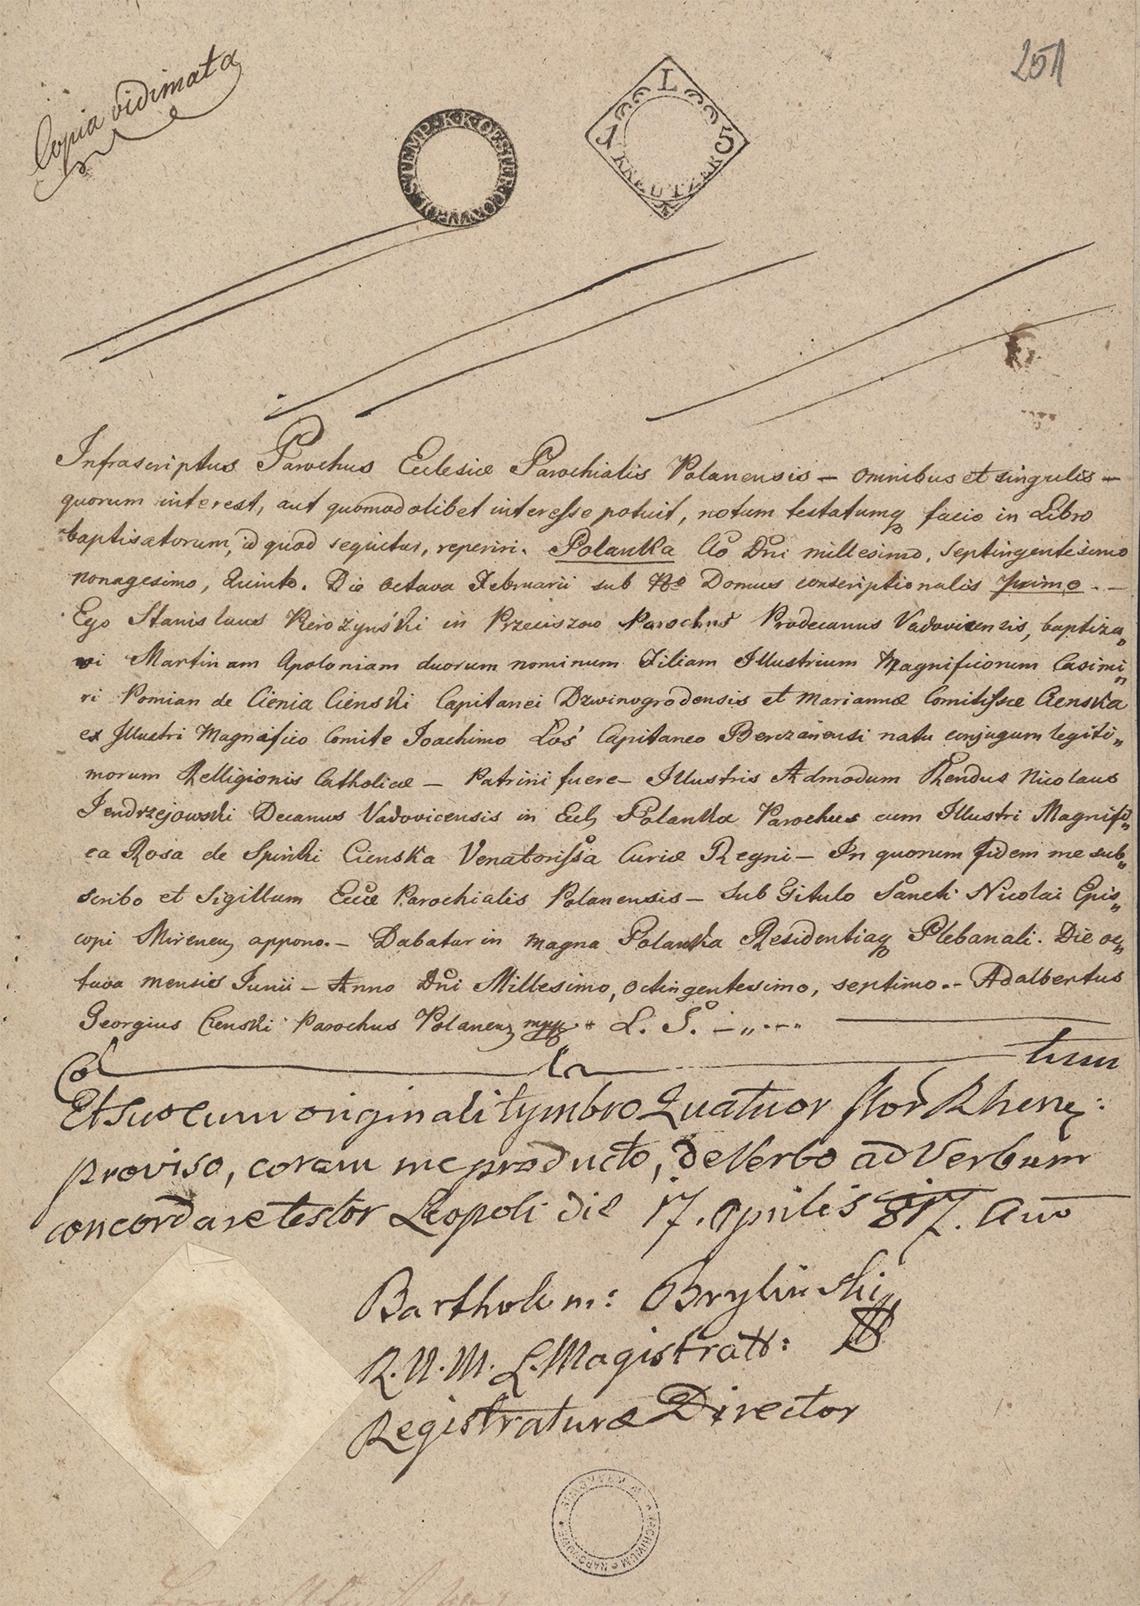 Alegaty do małżeństwa Stanisław Gostkowski & Martyna Apolonia Cieński (03.11.1817 r.) (4)